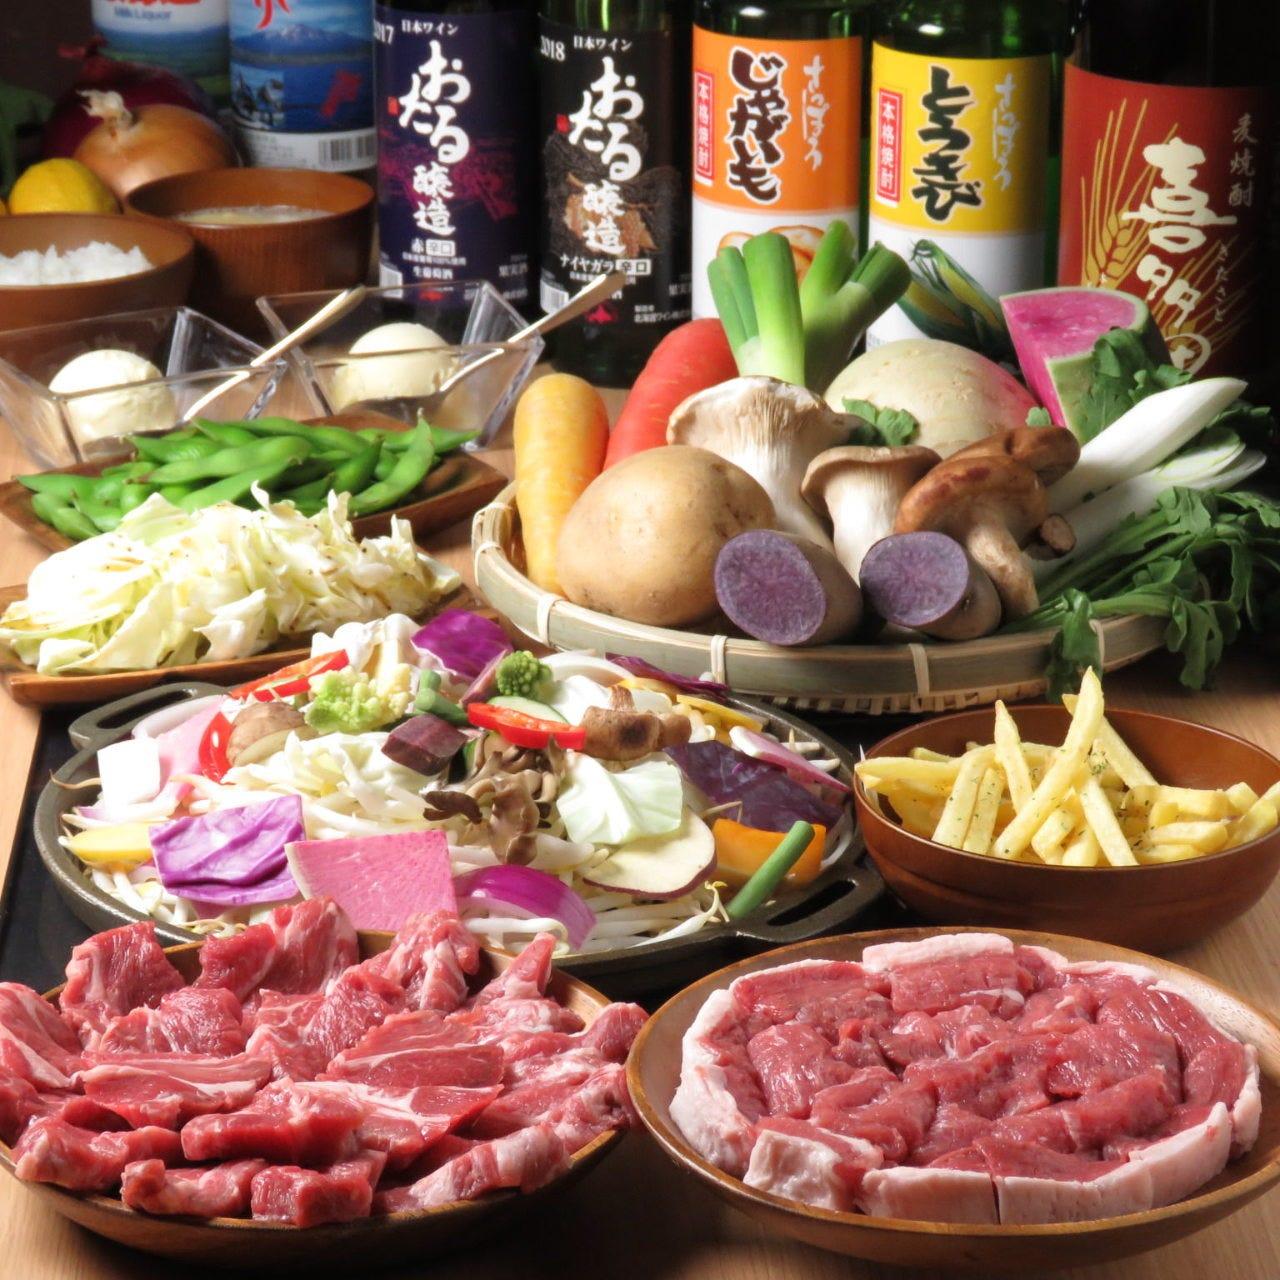 大人気の生ラム2種食べ比べ★★カラフル焼野菜とおつまみ★2時間飲み放題コース★